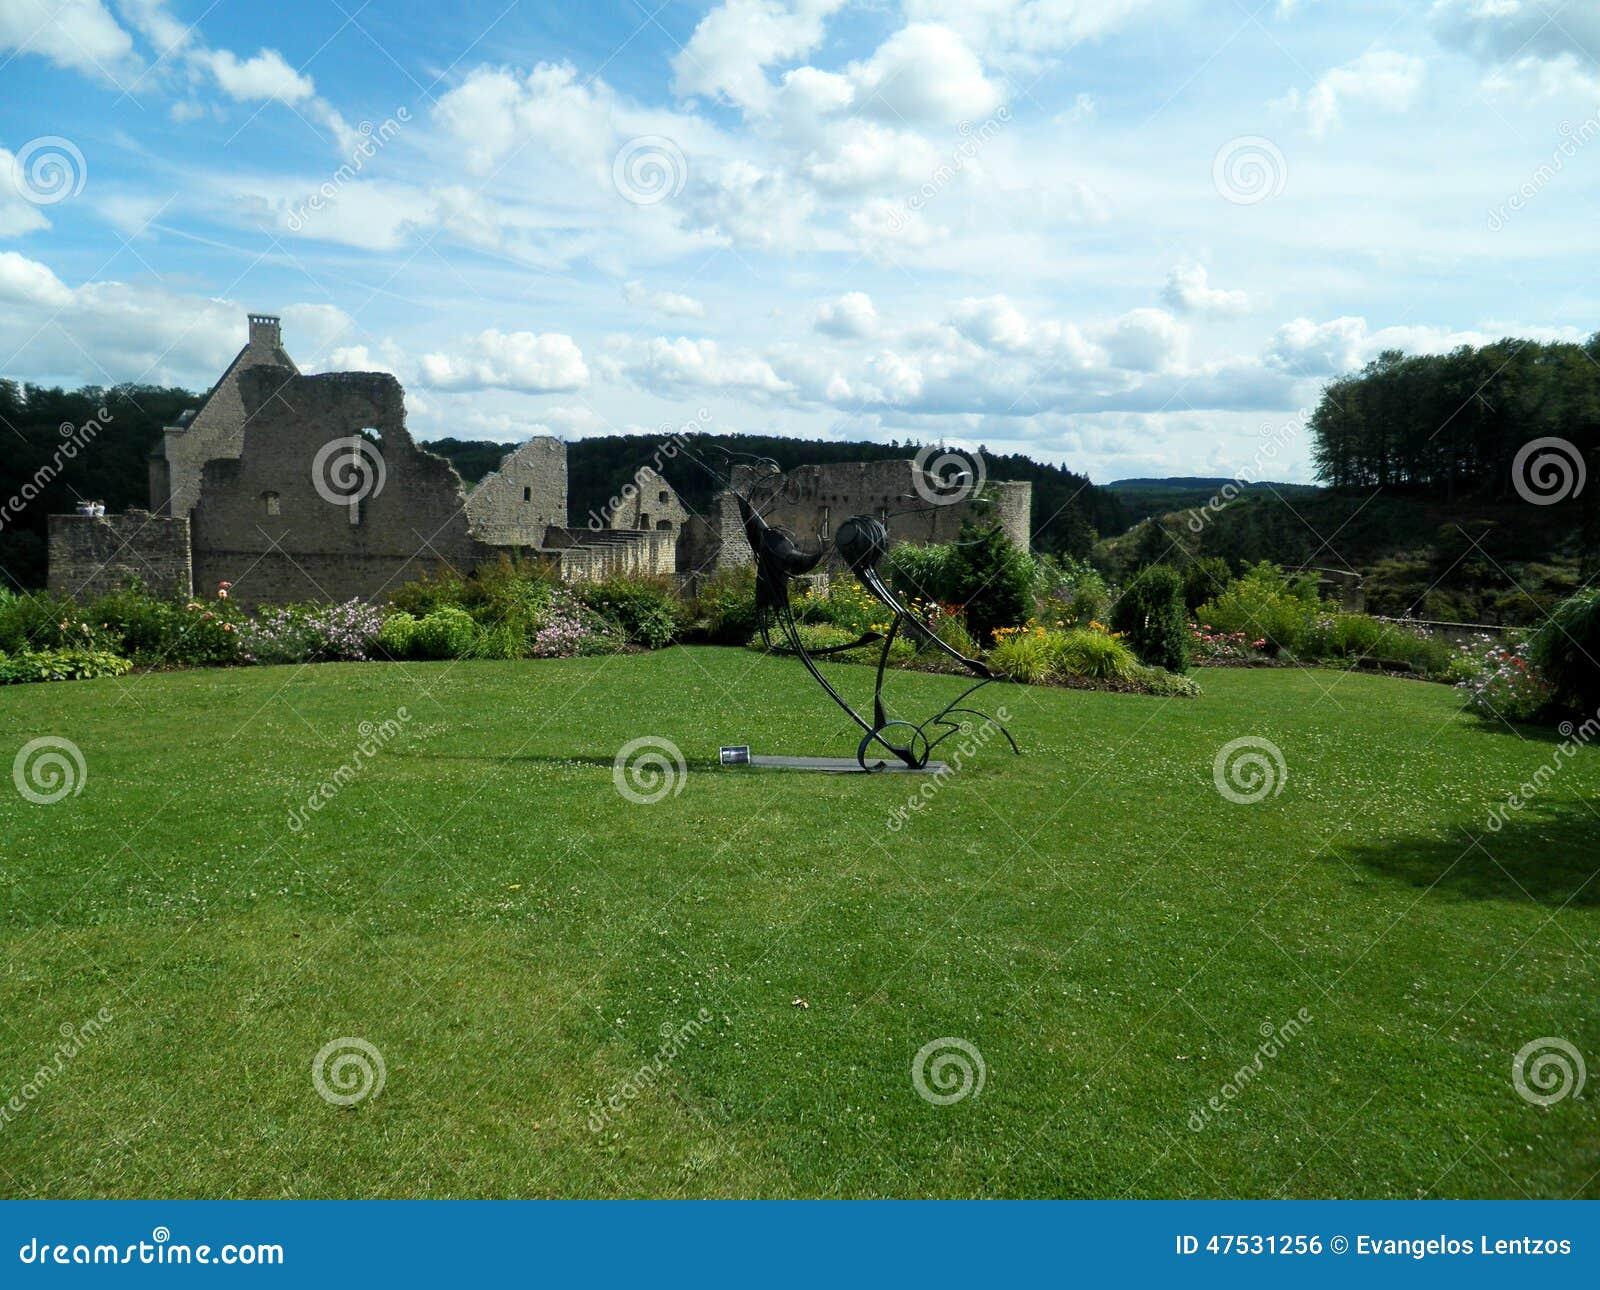 Le jardin du ch teau de larochette la ville du luxembourg for Piscine jardin du luxembourg